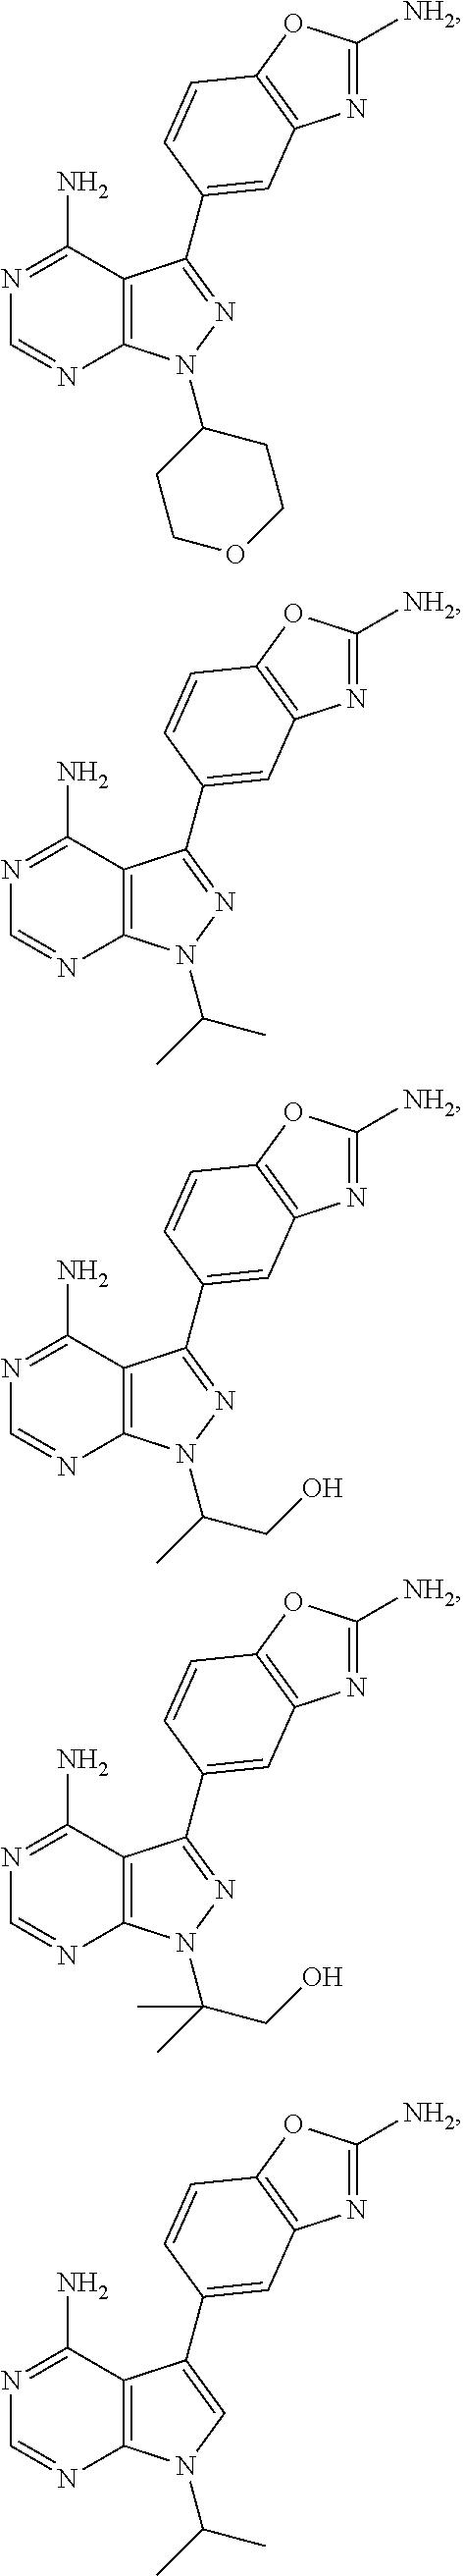 Figure US20160038497A1-20160211-C00048